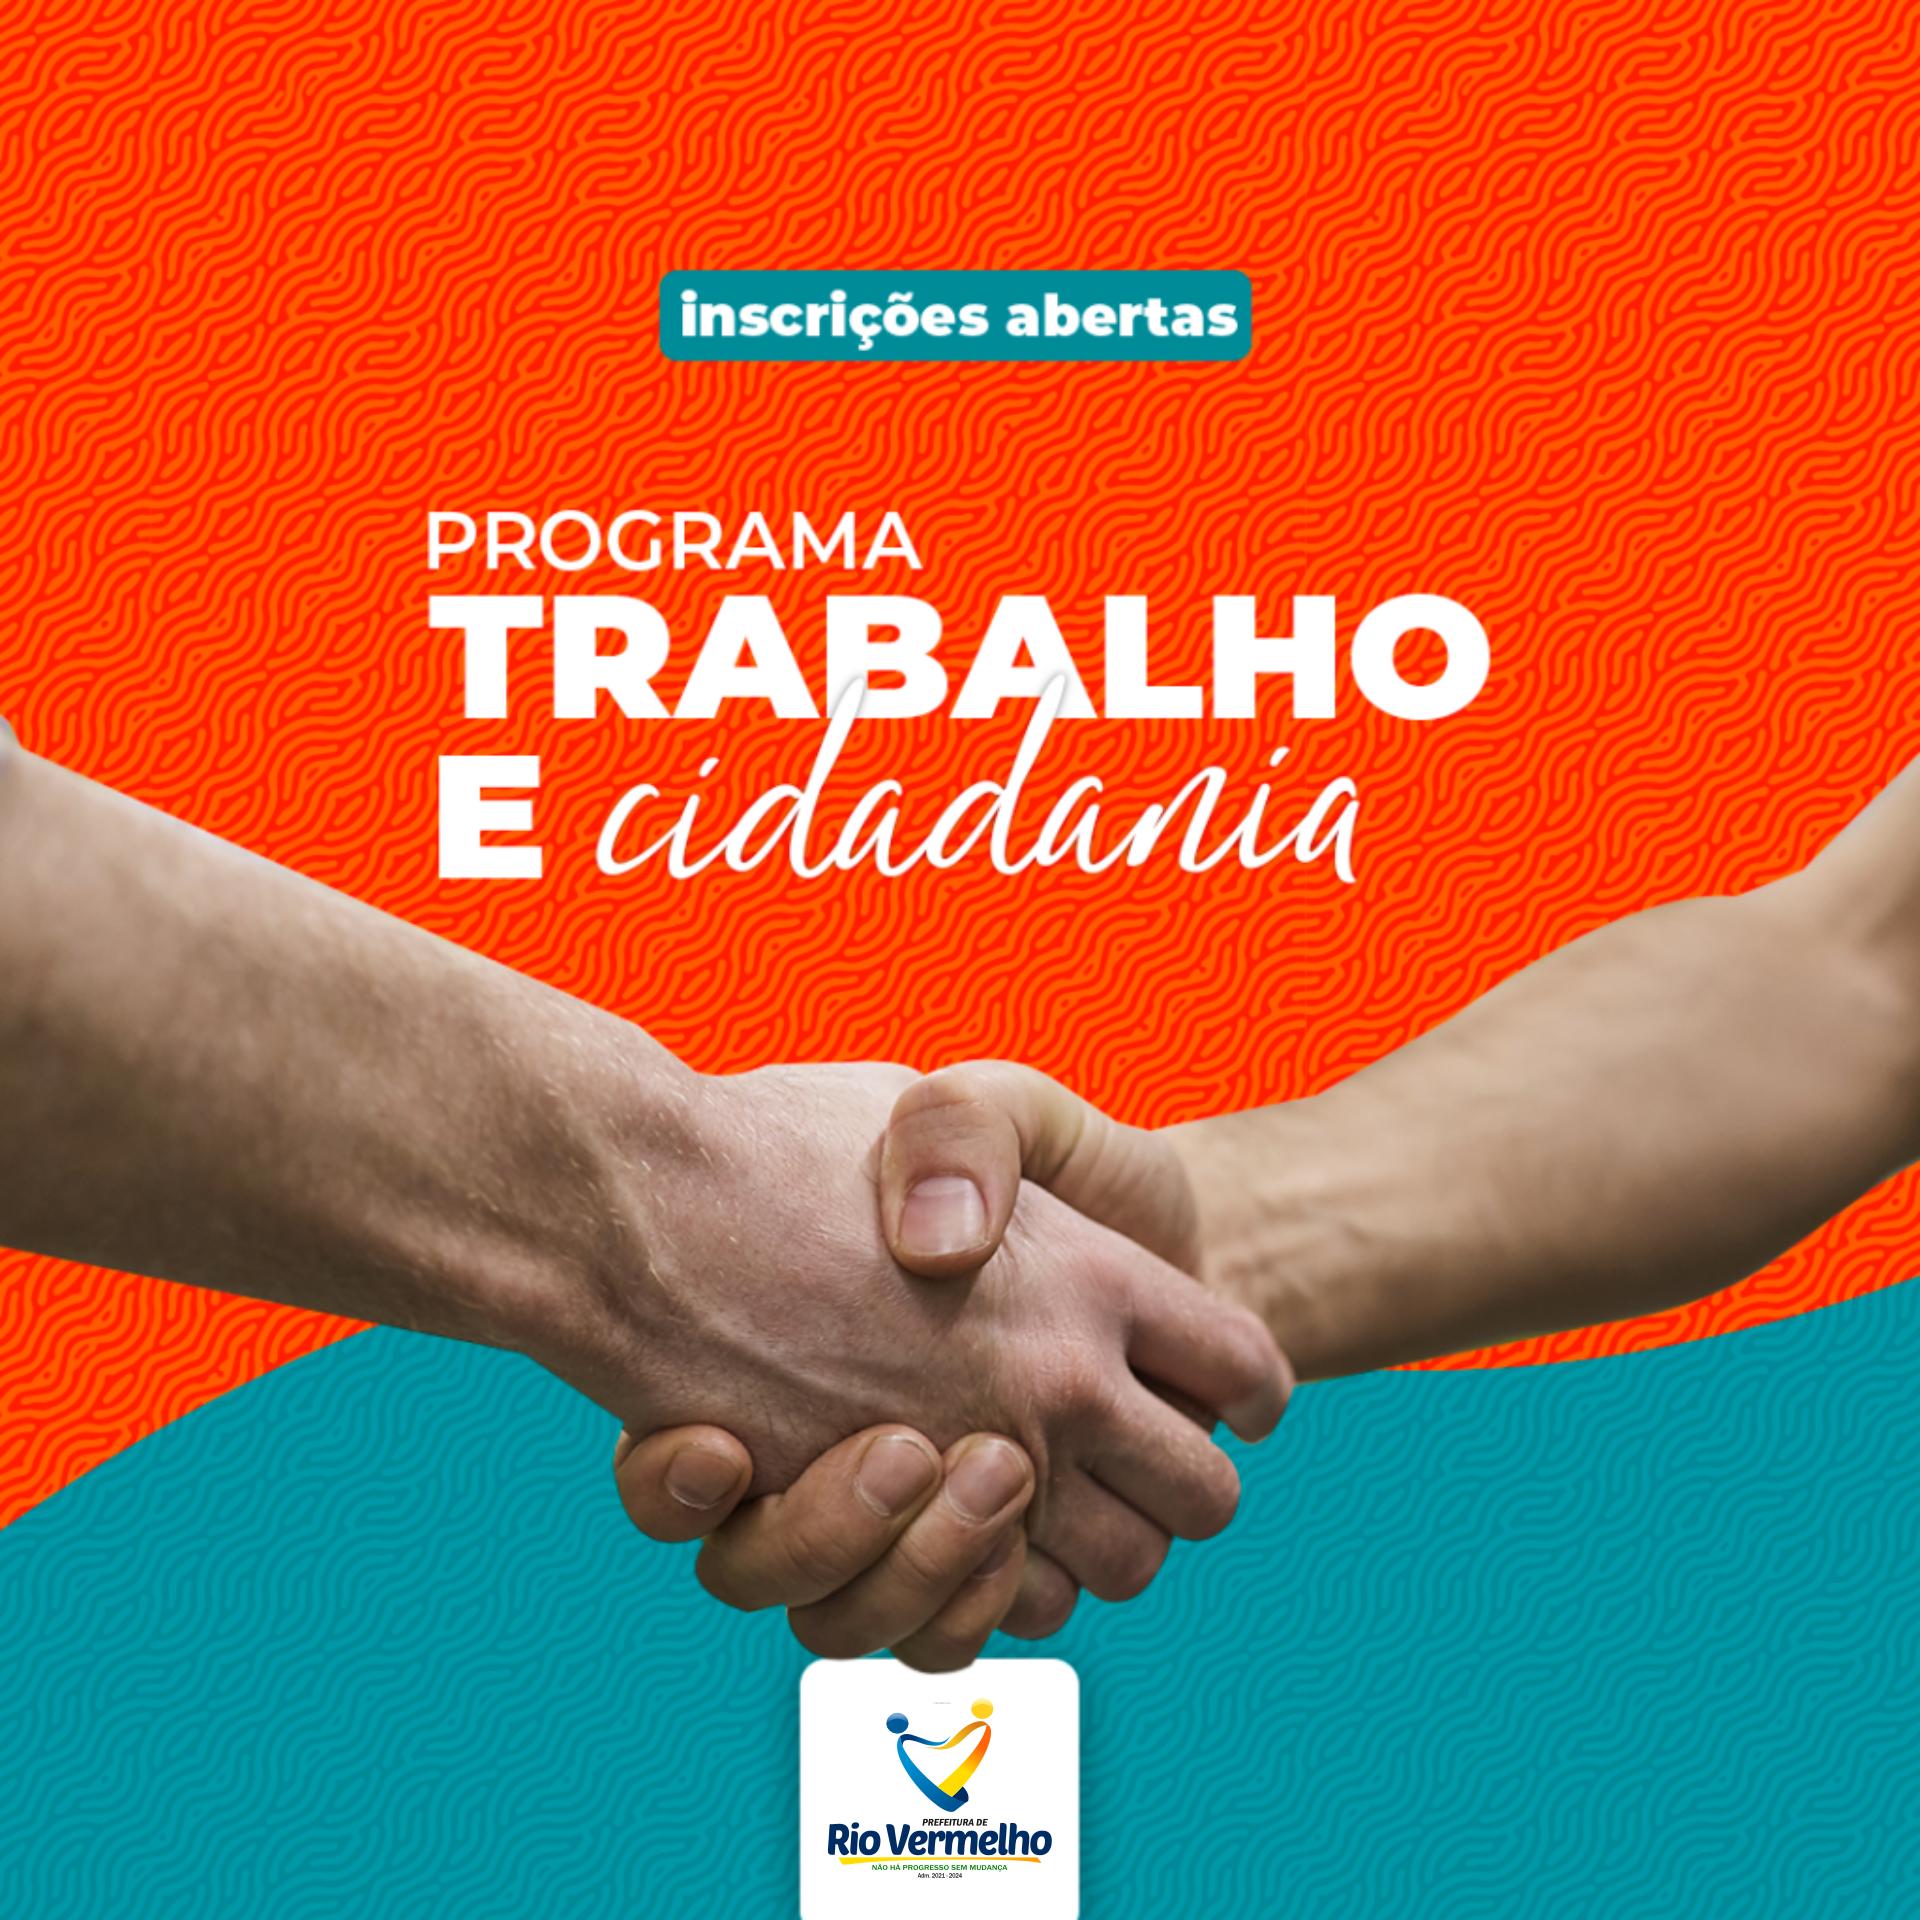 PREFEITURA DE RIO VERMELHO INICIARÁ O PROGRAMA TRABALHO E CIDADANIA